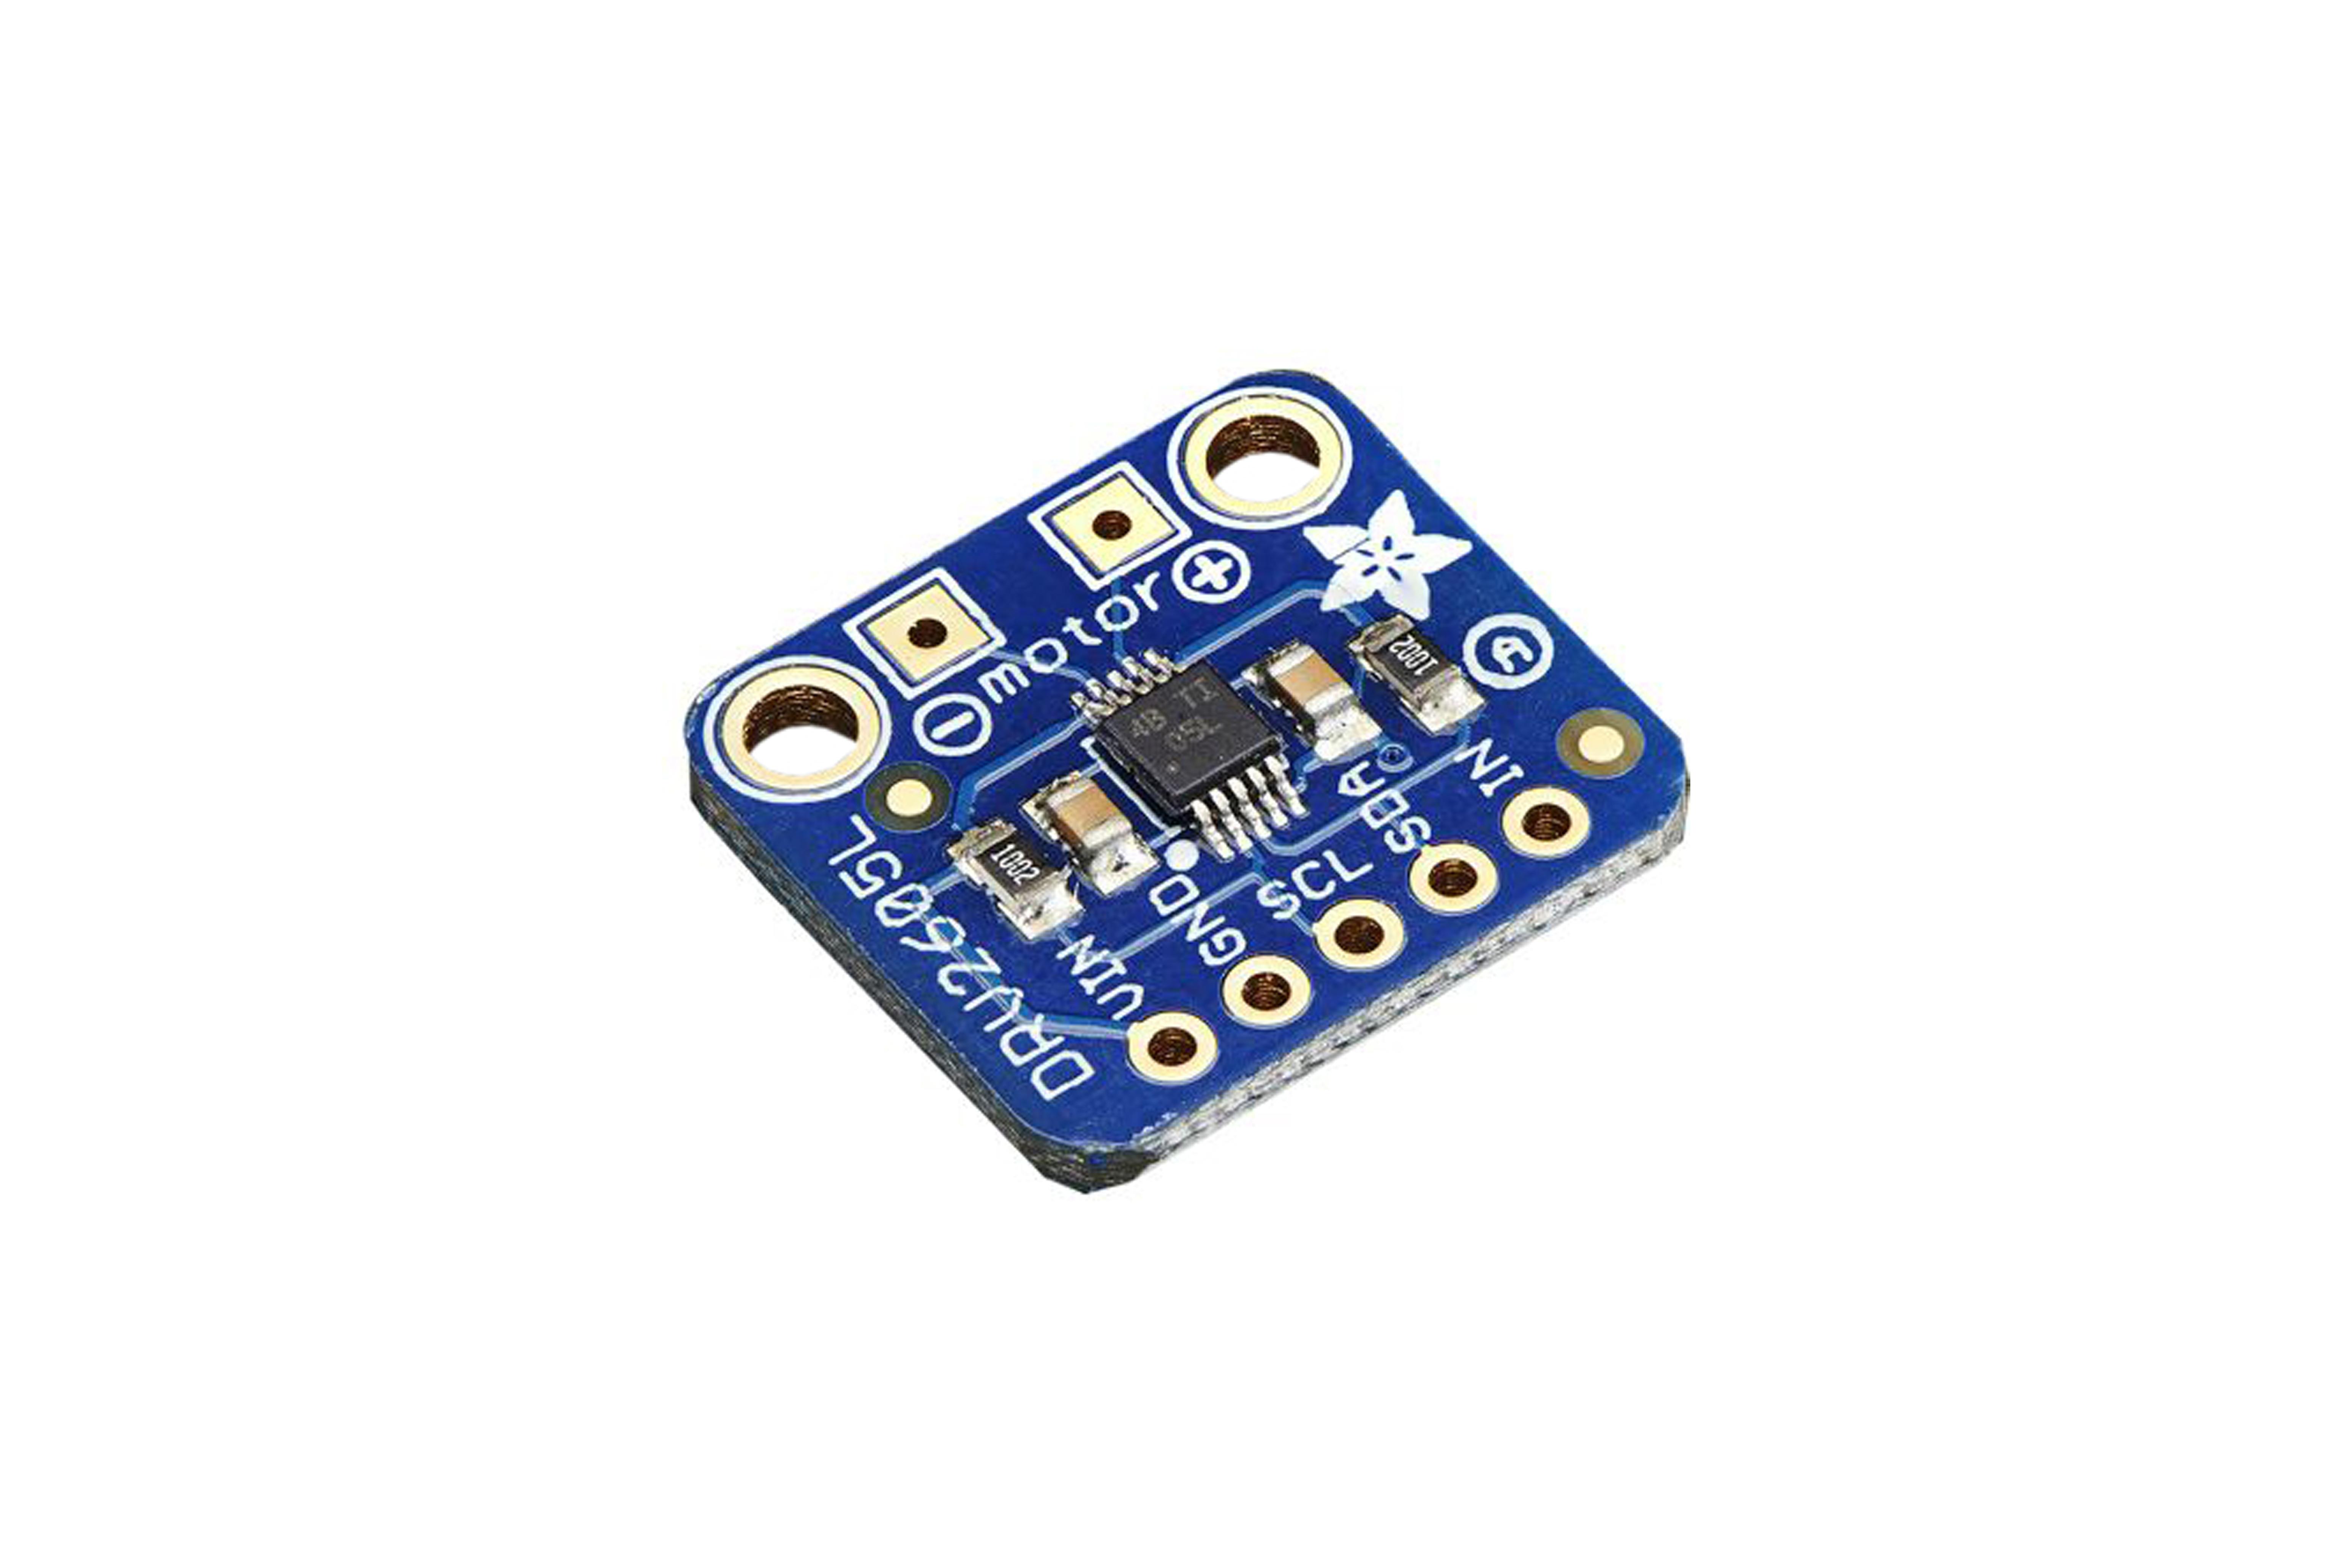 Adafruit(アダフルーツ)ハプティックモーターコントローラボード